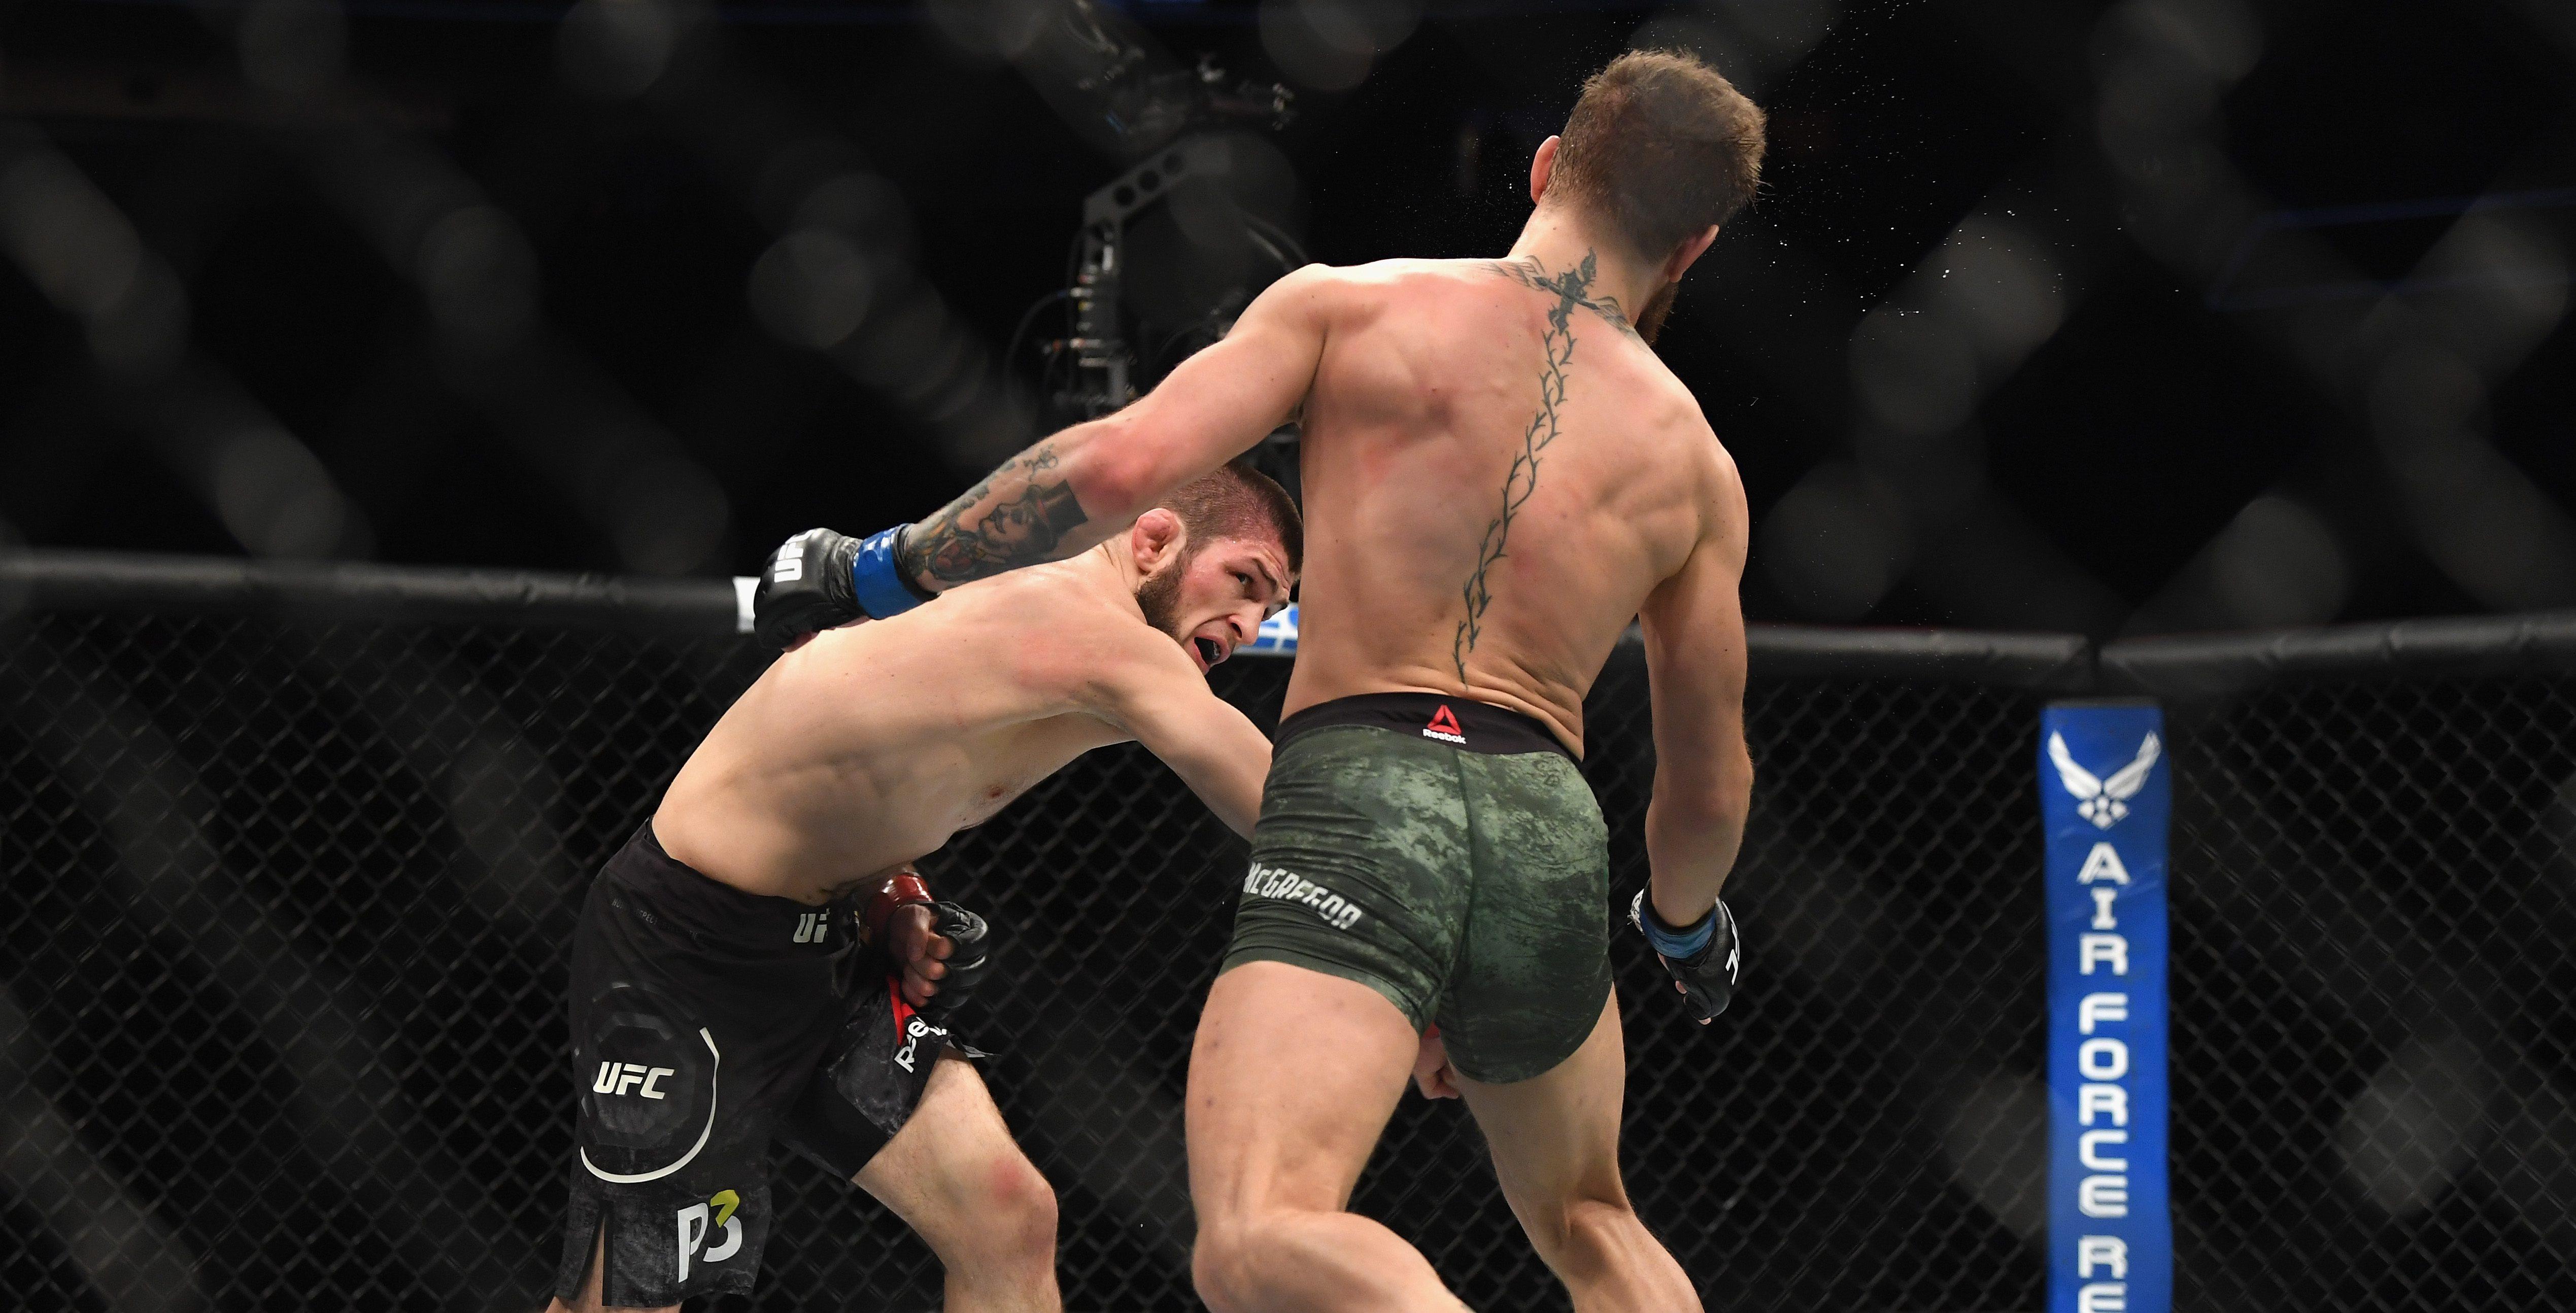 Conor McGregor Khabib Nurmagomedov UFC 229 Ganador Submission